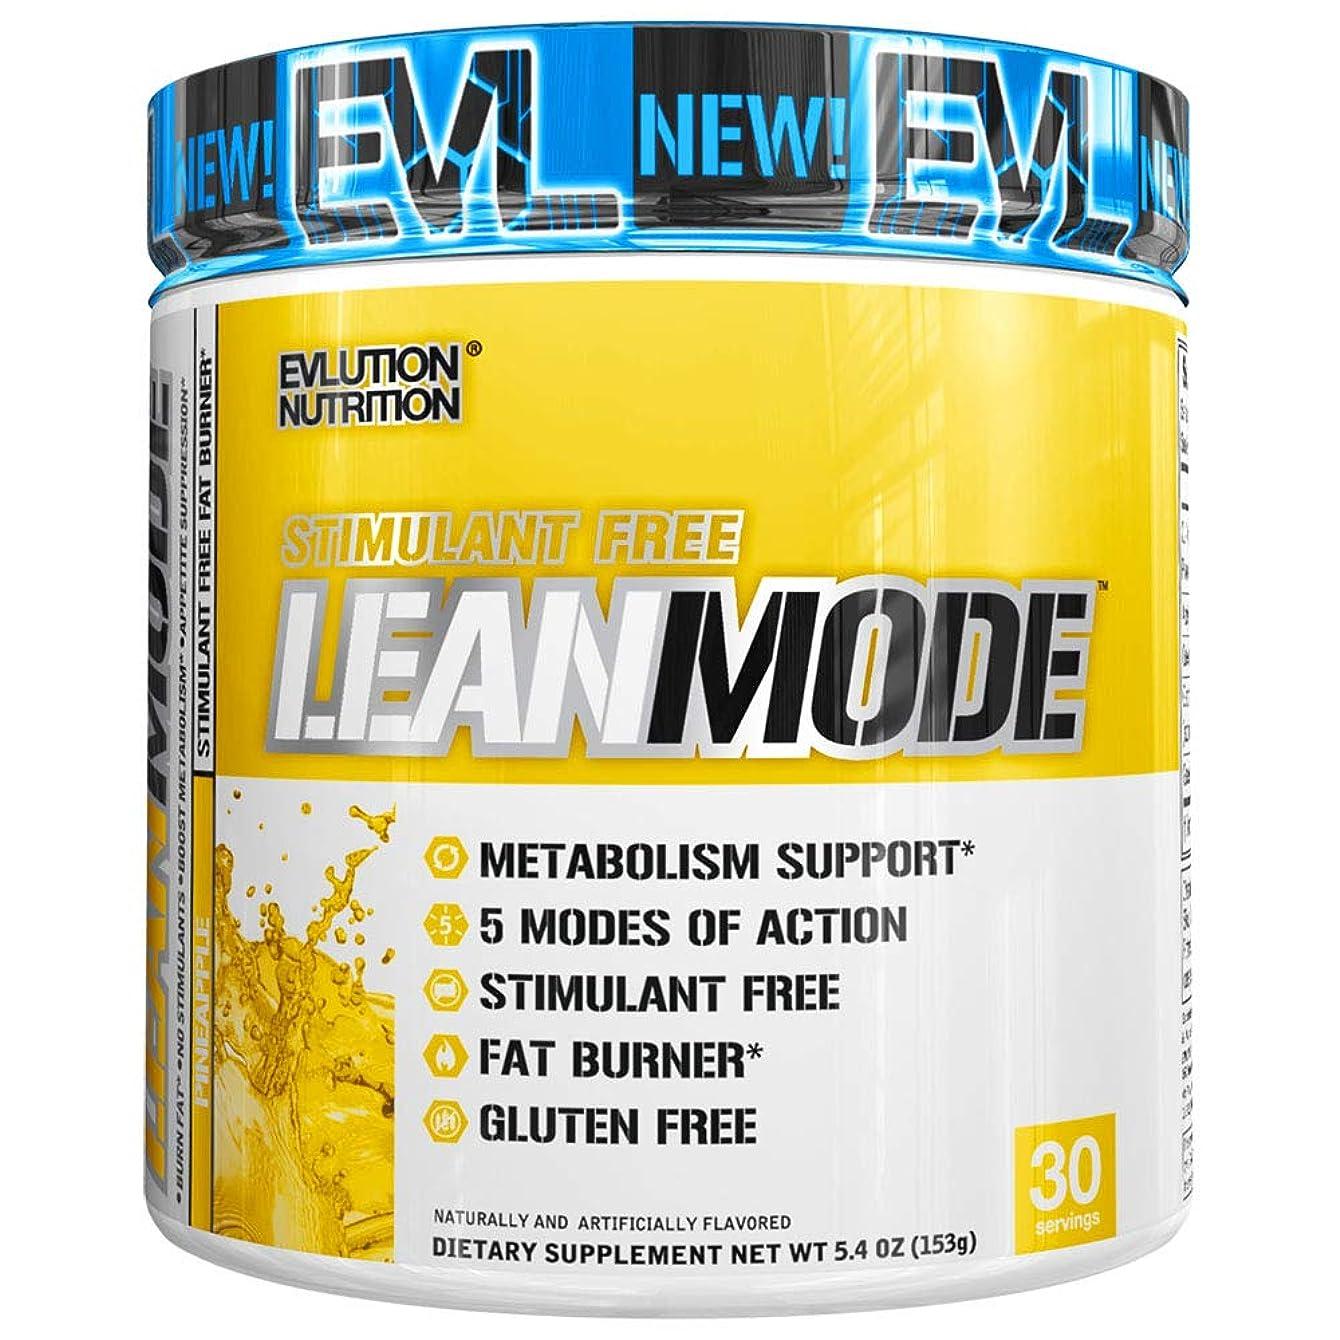 アクティビティ少なくとも君主LeanMode リーンモード パイナップル味 Evlution Nutrition(エボリューションニュートリション)30回分 153g[海外直送品]